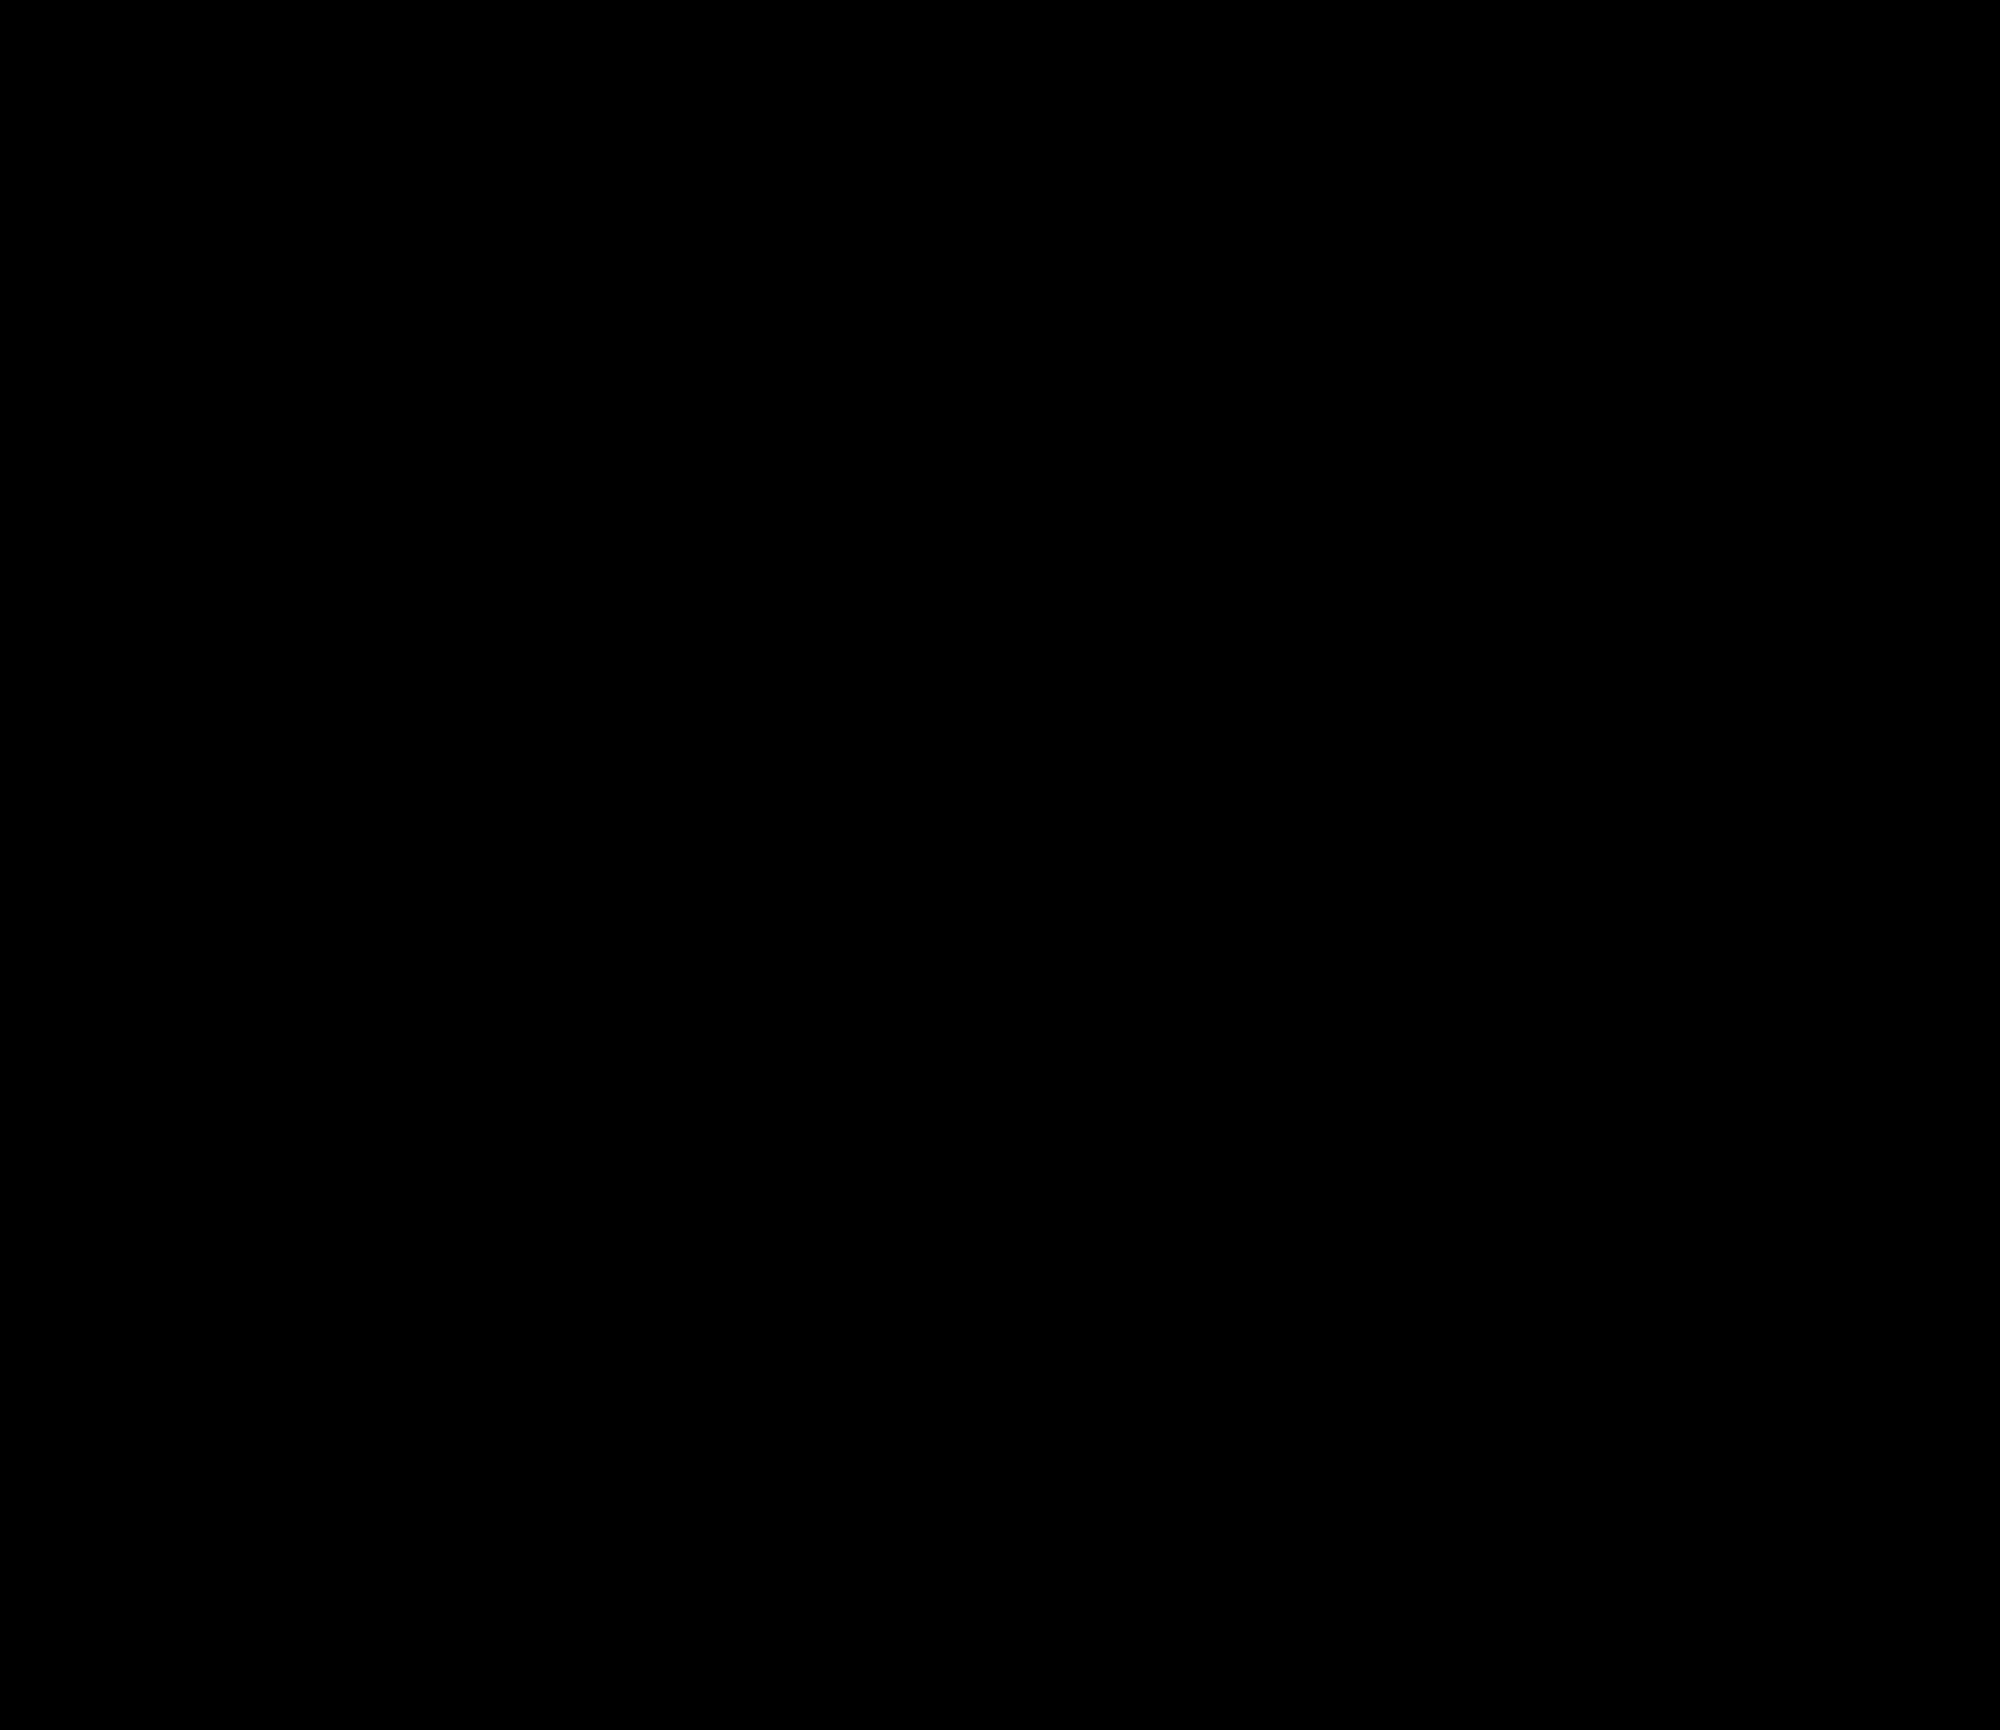 Hexagon PNG - 19651